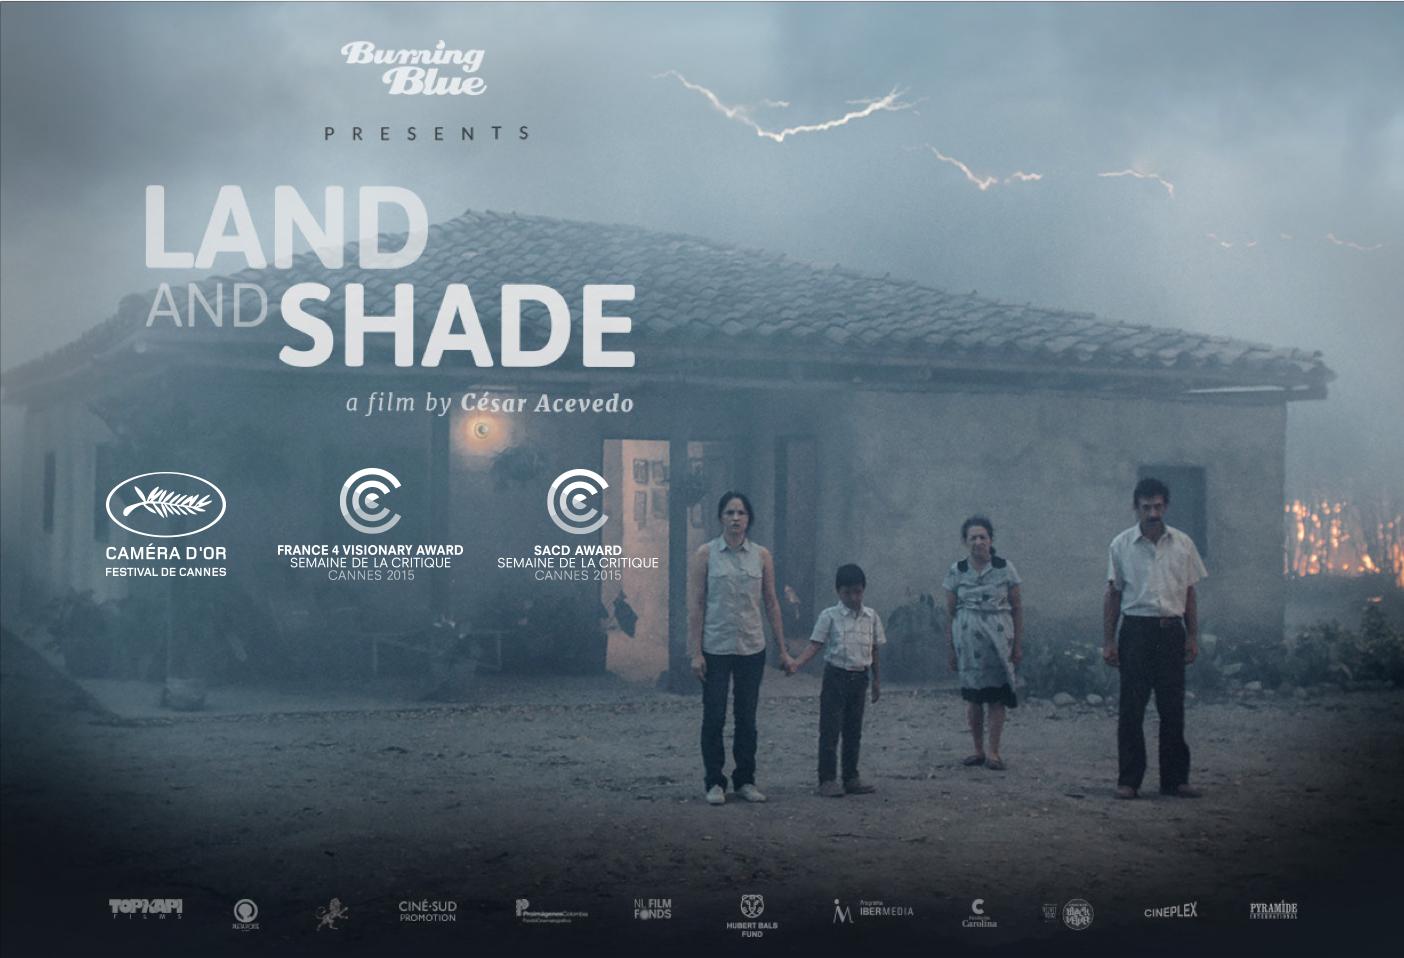 'אדמה וצל': הזוכה הטרי מפסטיבל קאן